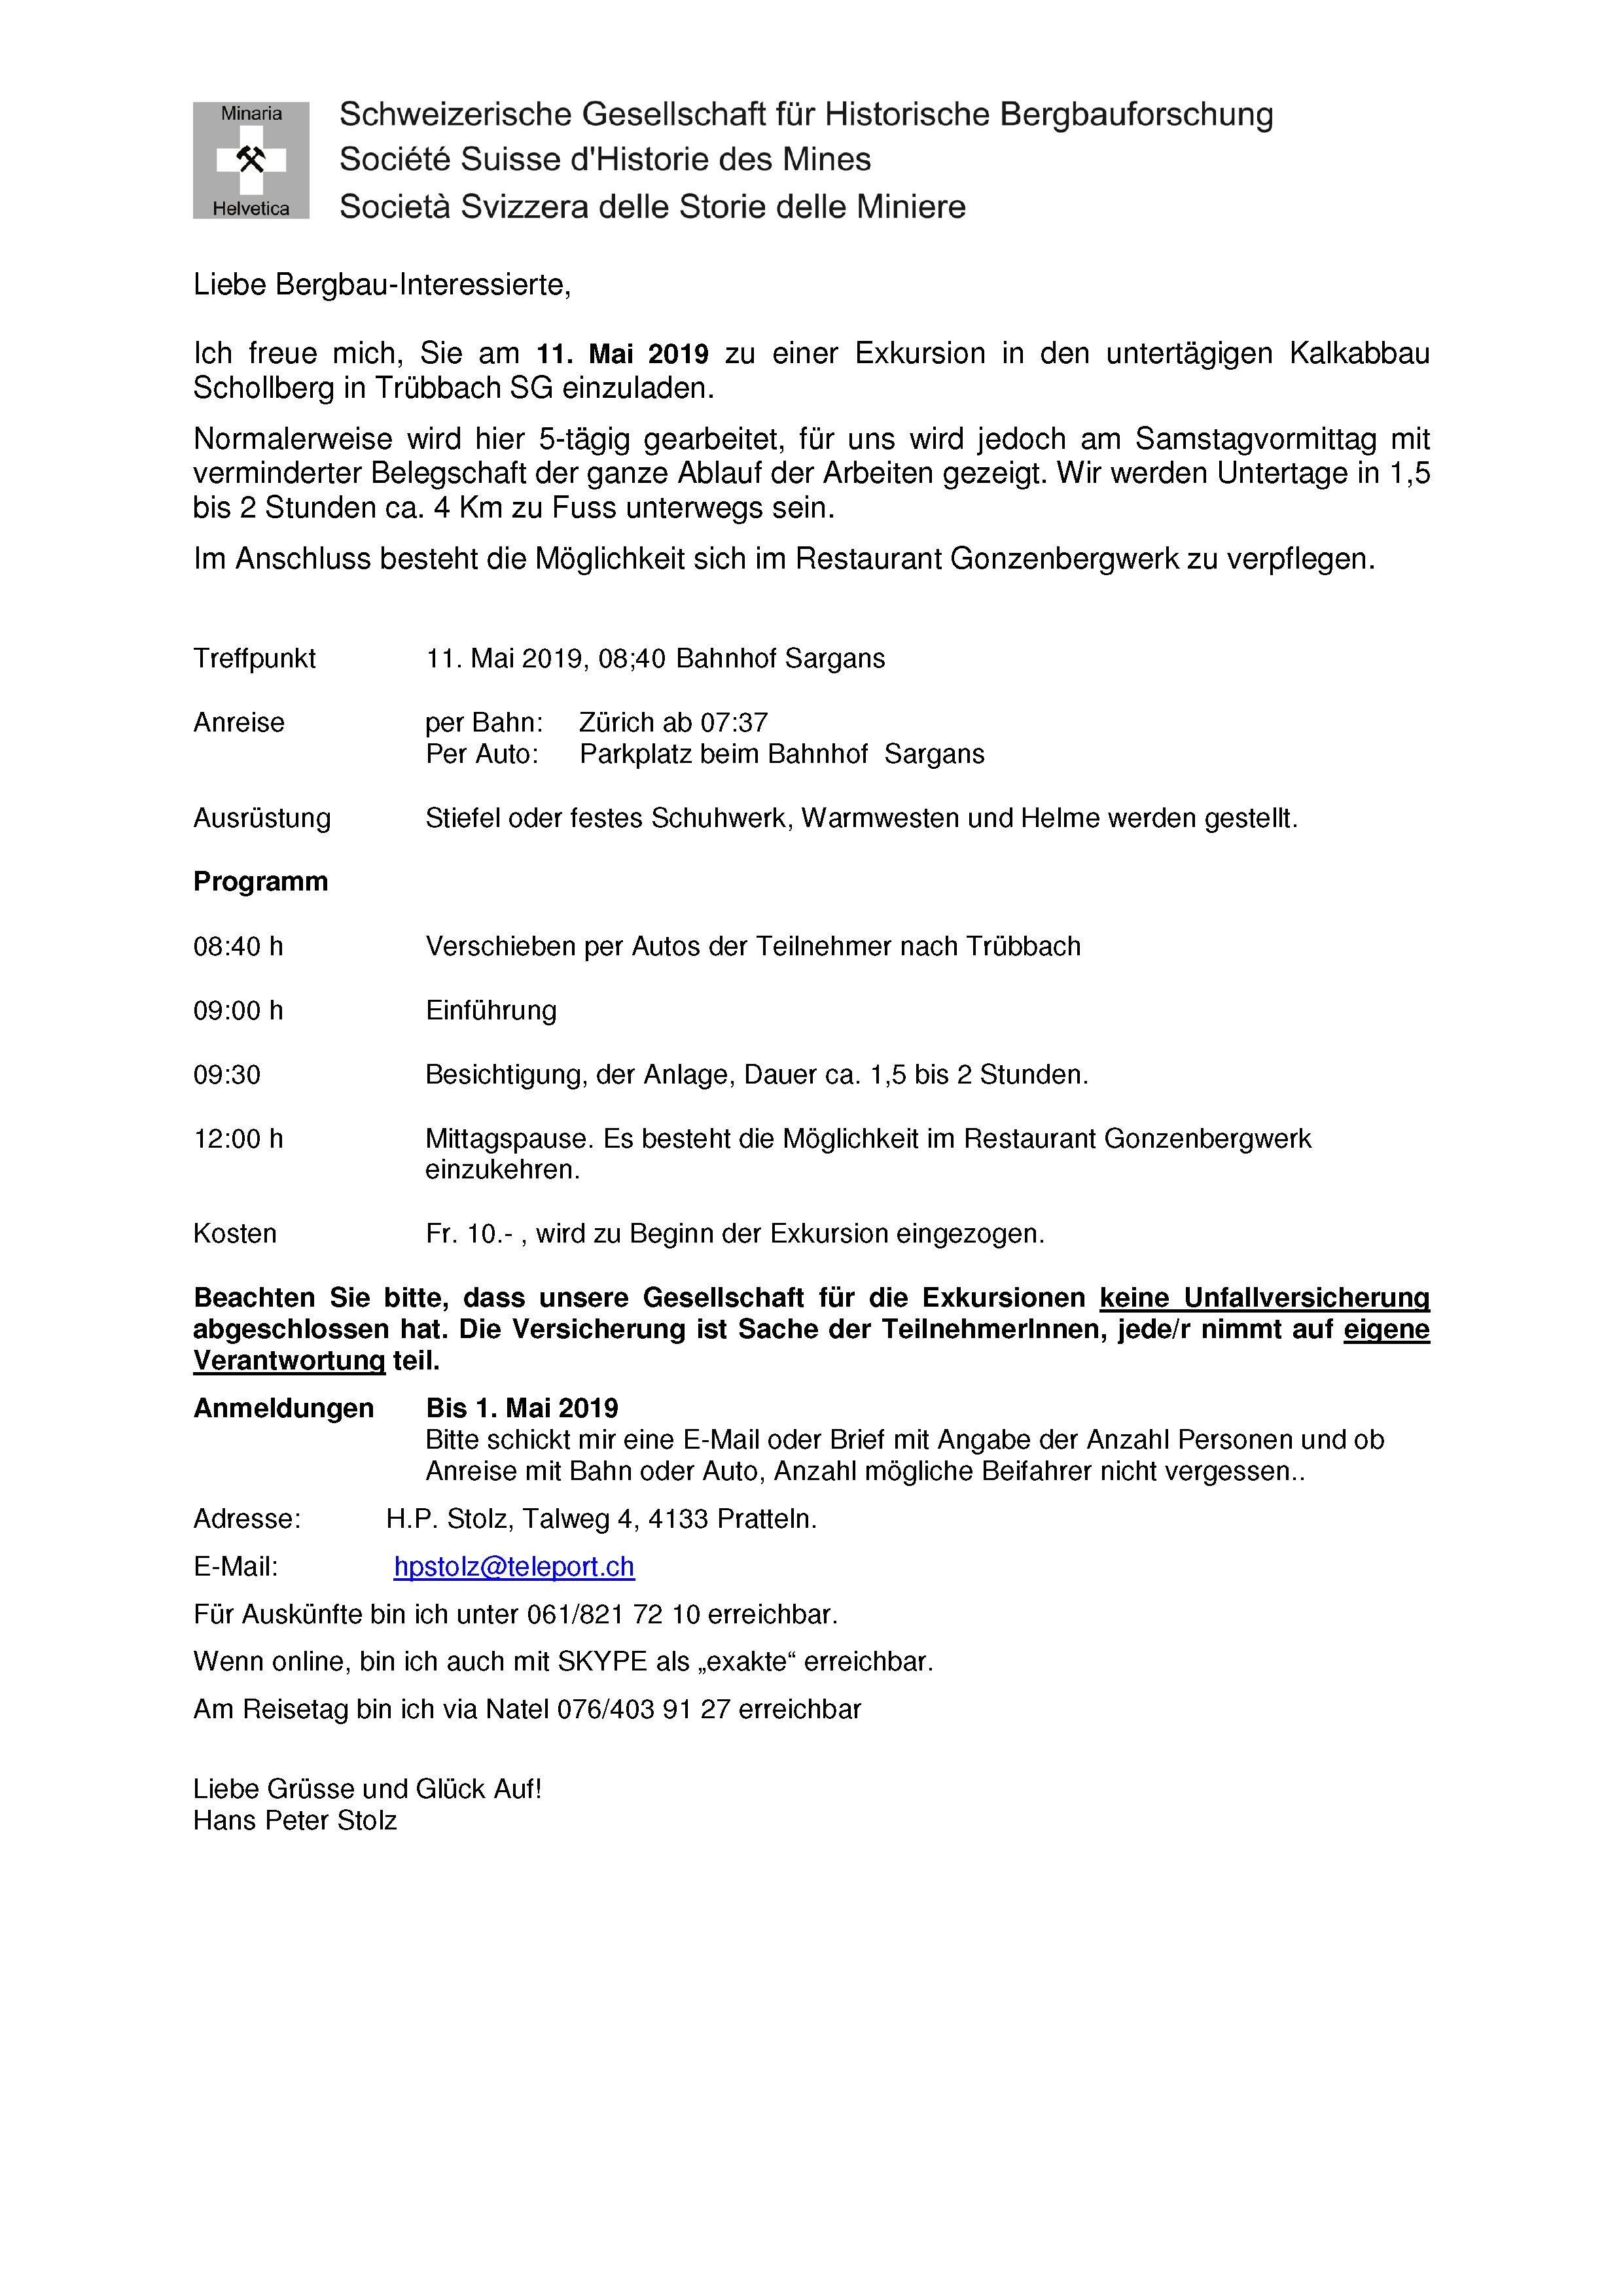 Schollberg_Programm